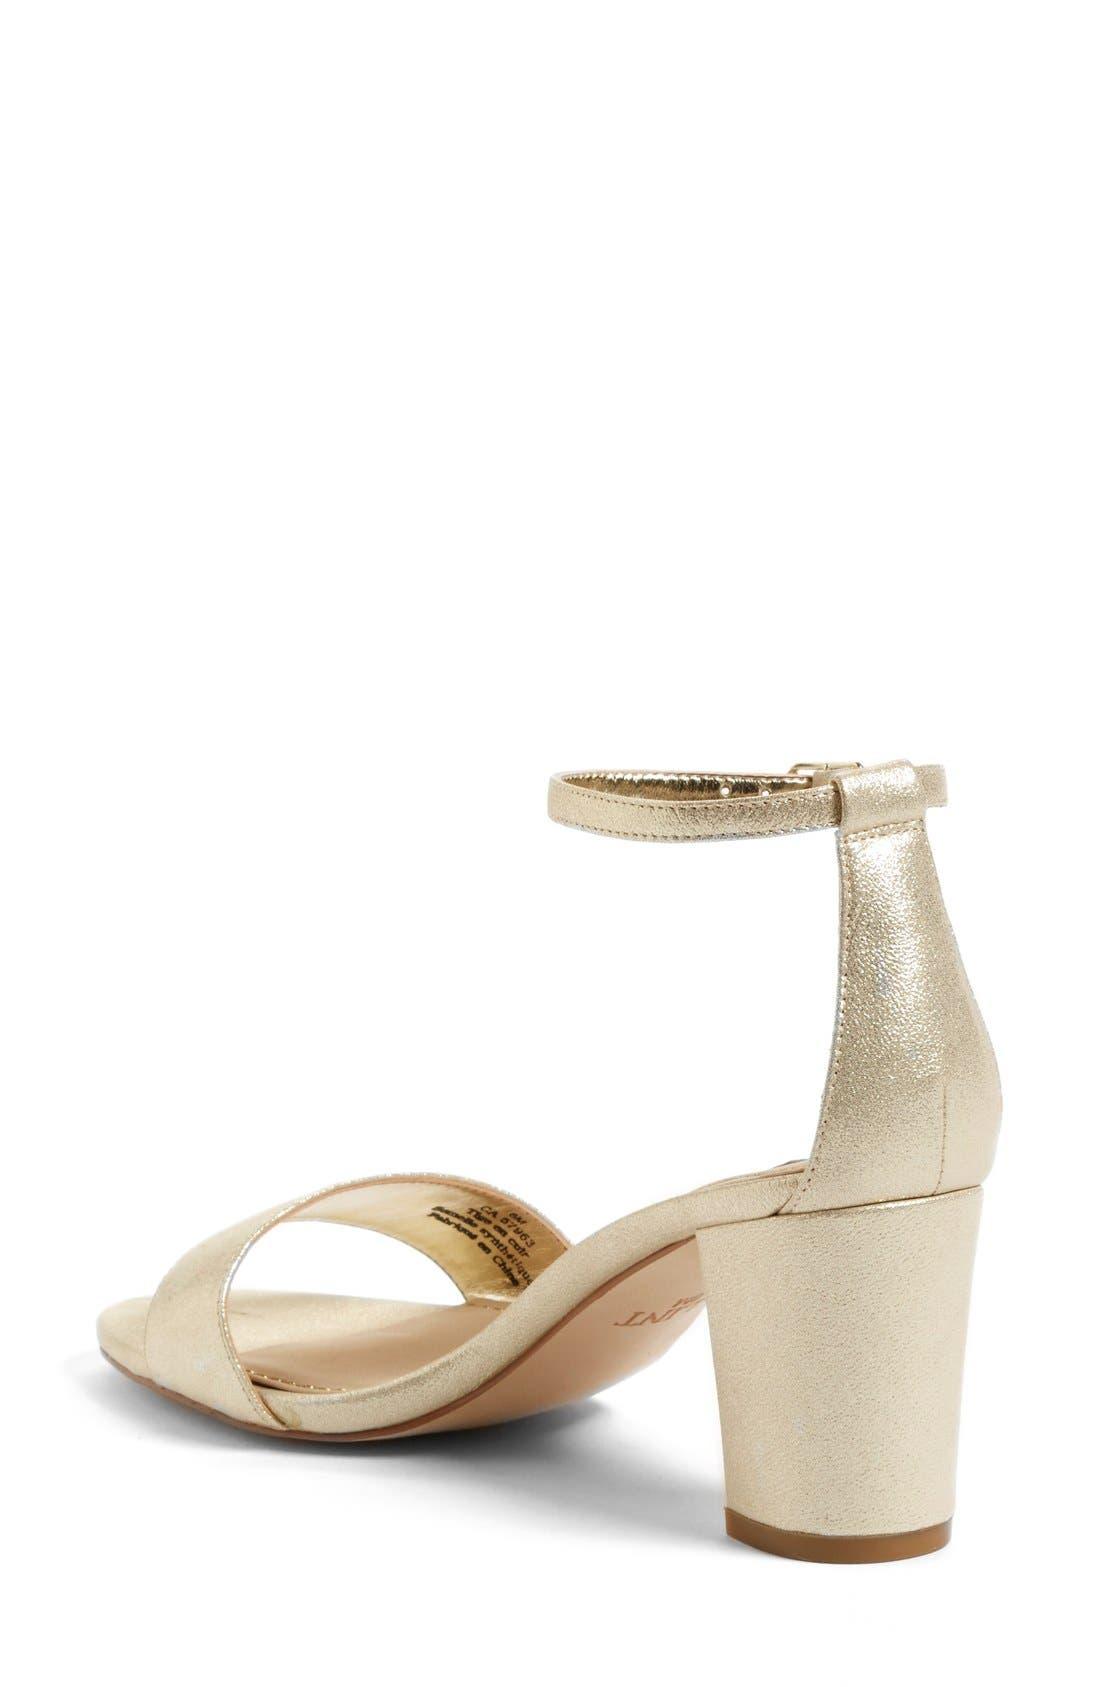 'Lana' Block Heel Ankle Strap Sandal,                             Alternate thumbnail 2, color,                             Platino Metallic Suede